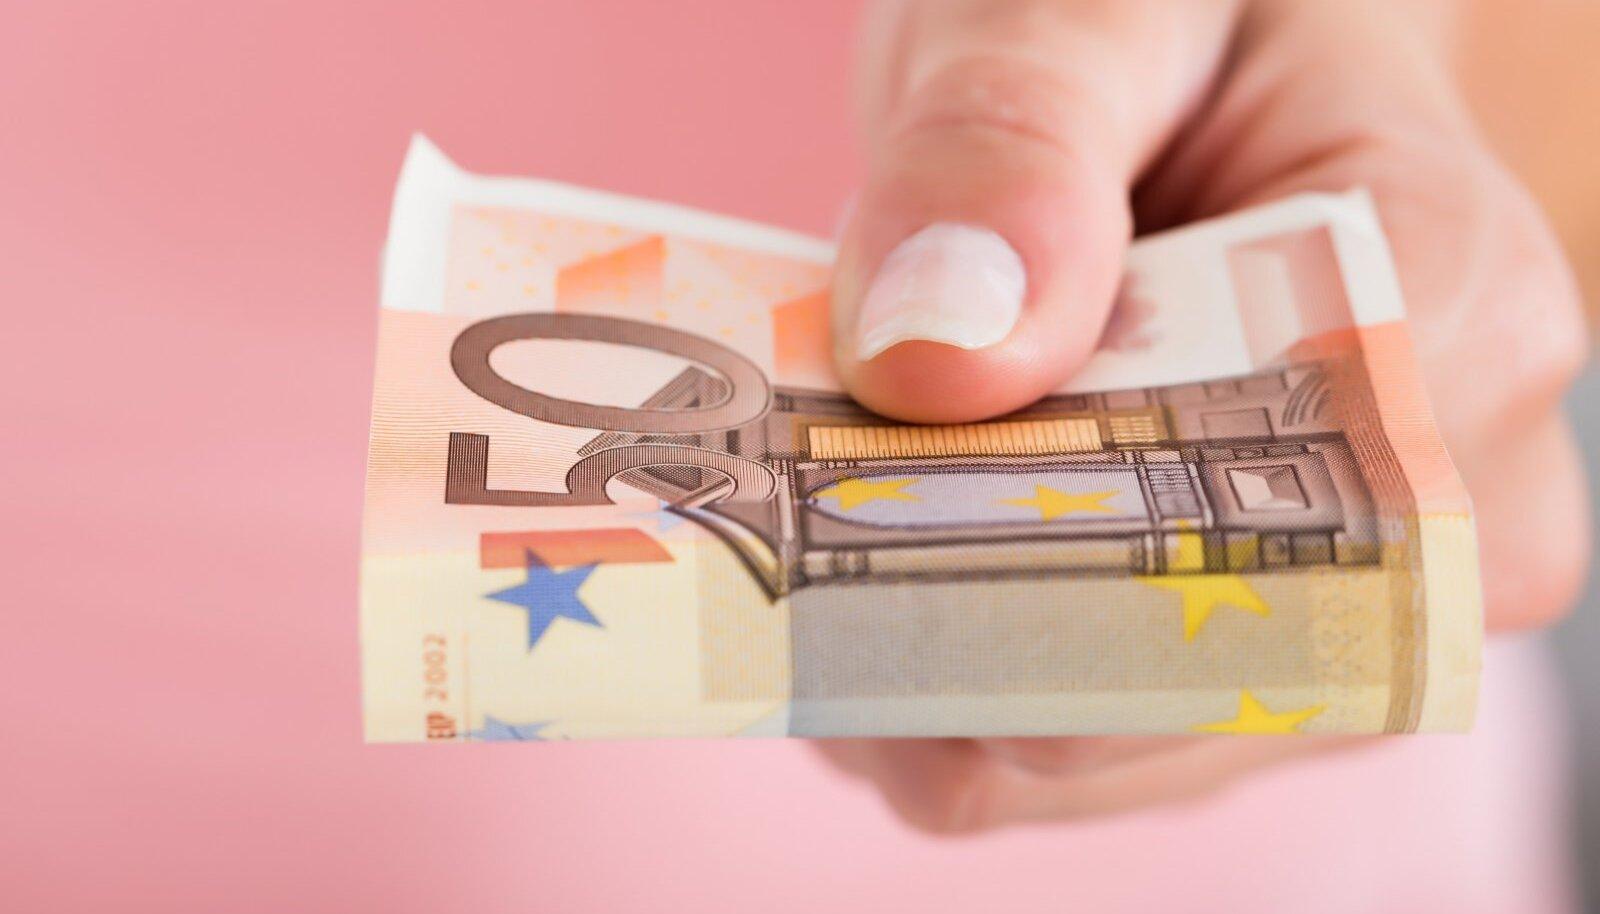 Kogutud maksudest on vähe kasu, kui raha ei kasutata sihipäraselt